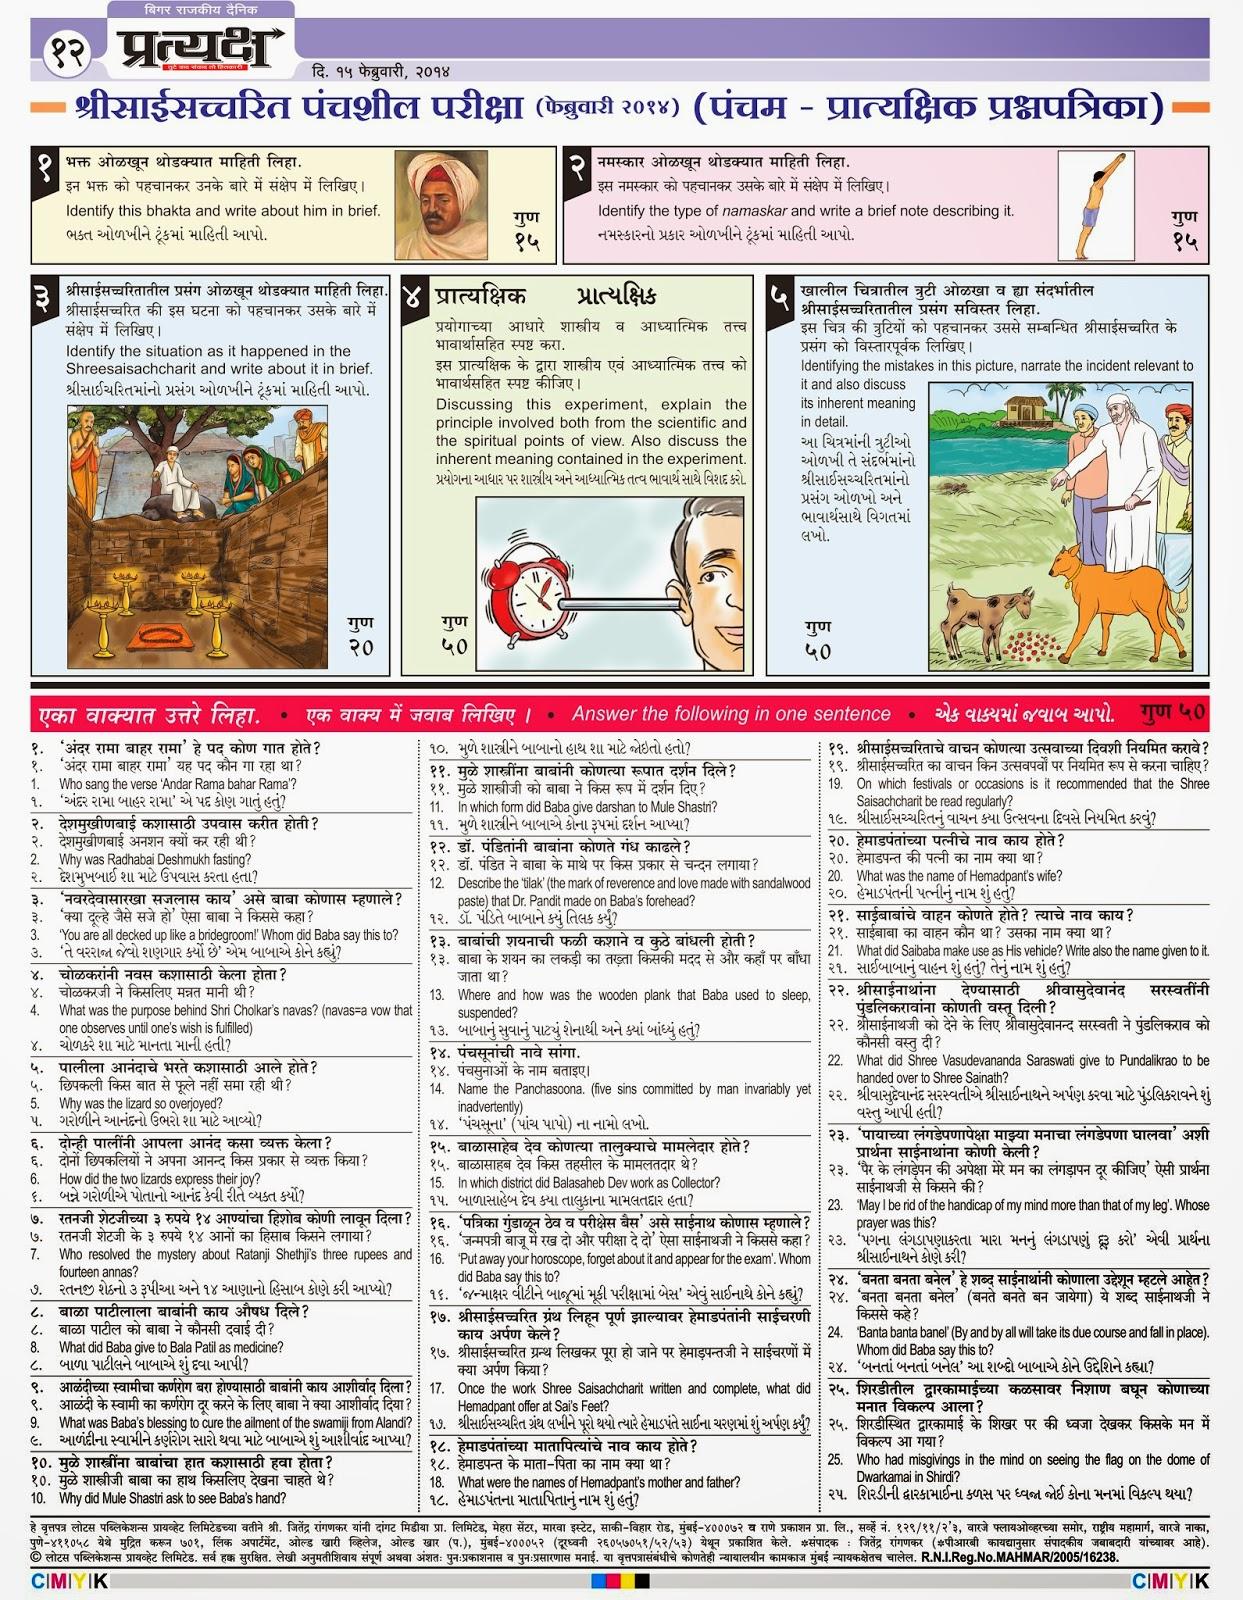 Sai Satcharitra Panchashil Exam Paper Feb 2014